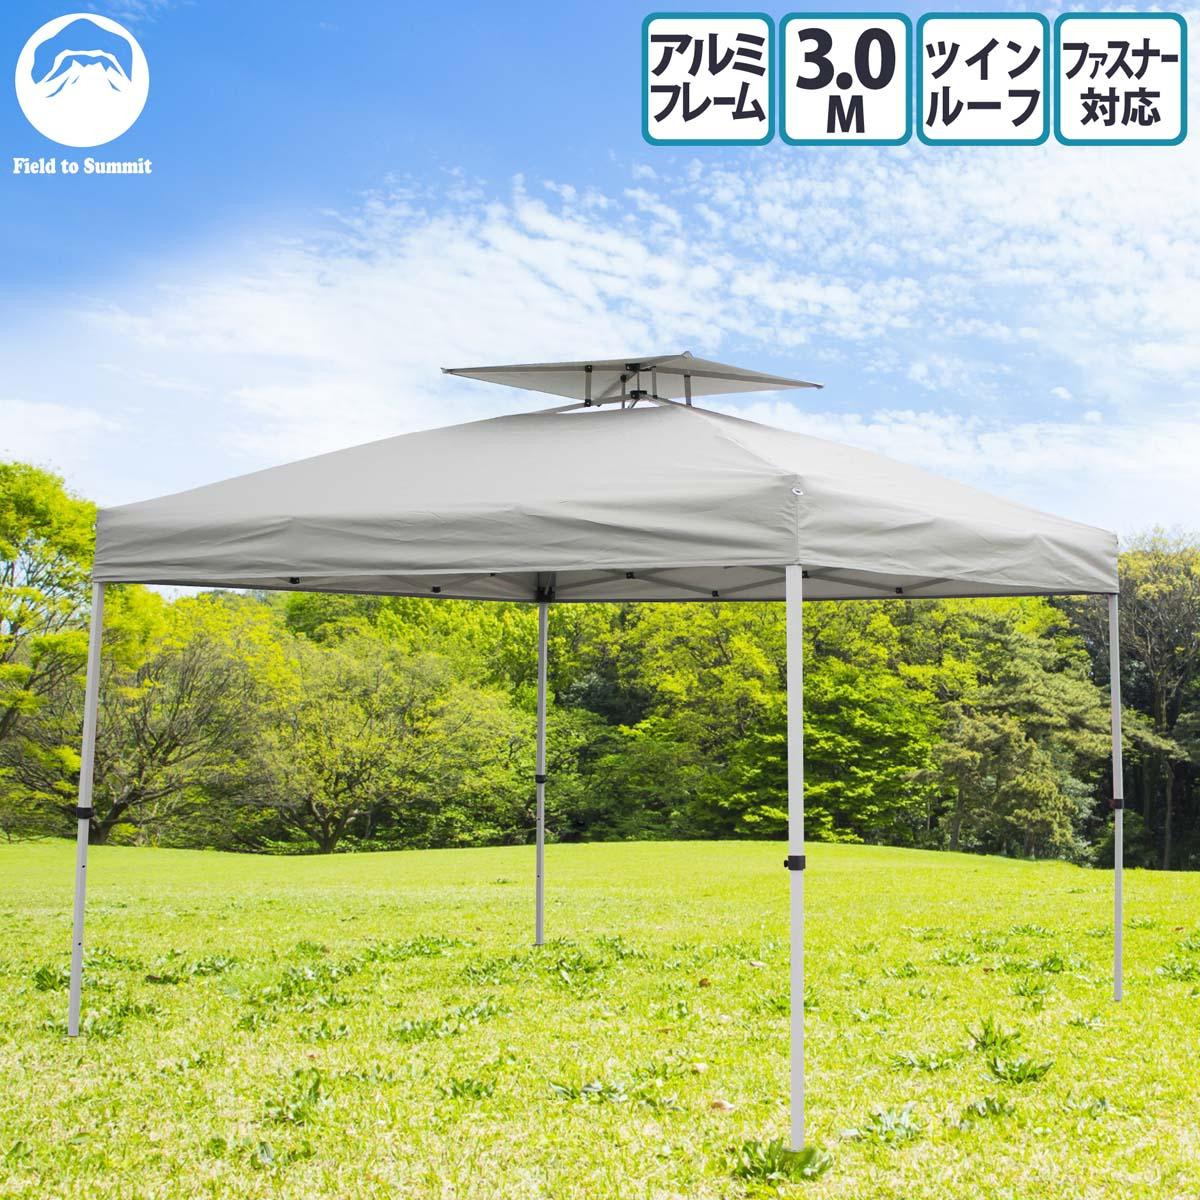 【送料無料】 Field to Summit アルミワンタッチテント 300S ハイグレード 3Mx3Mサイズ ツインルーフ 横幕1枚付 [ 風抜け ルーフ テント パティオ 簡単 設営 タープ 自立式 日除け ガーデン キャンプ BBQ テント タープ 簡易テント ]